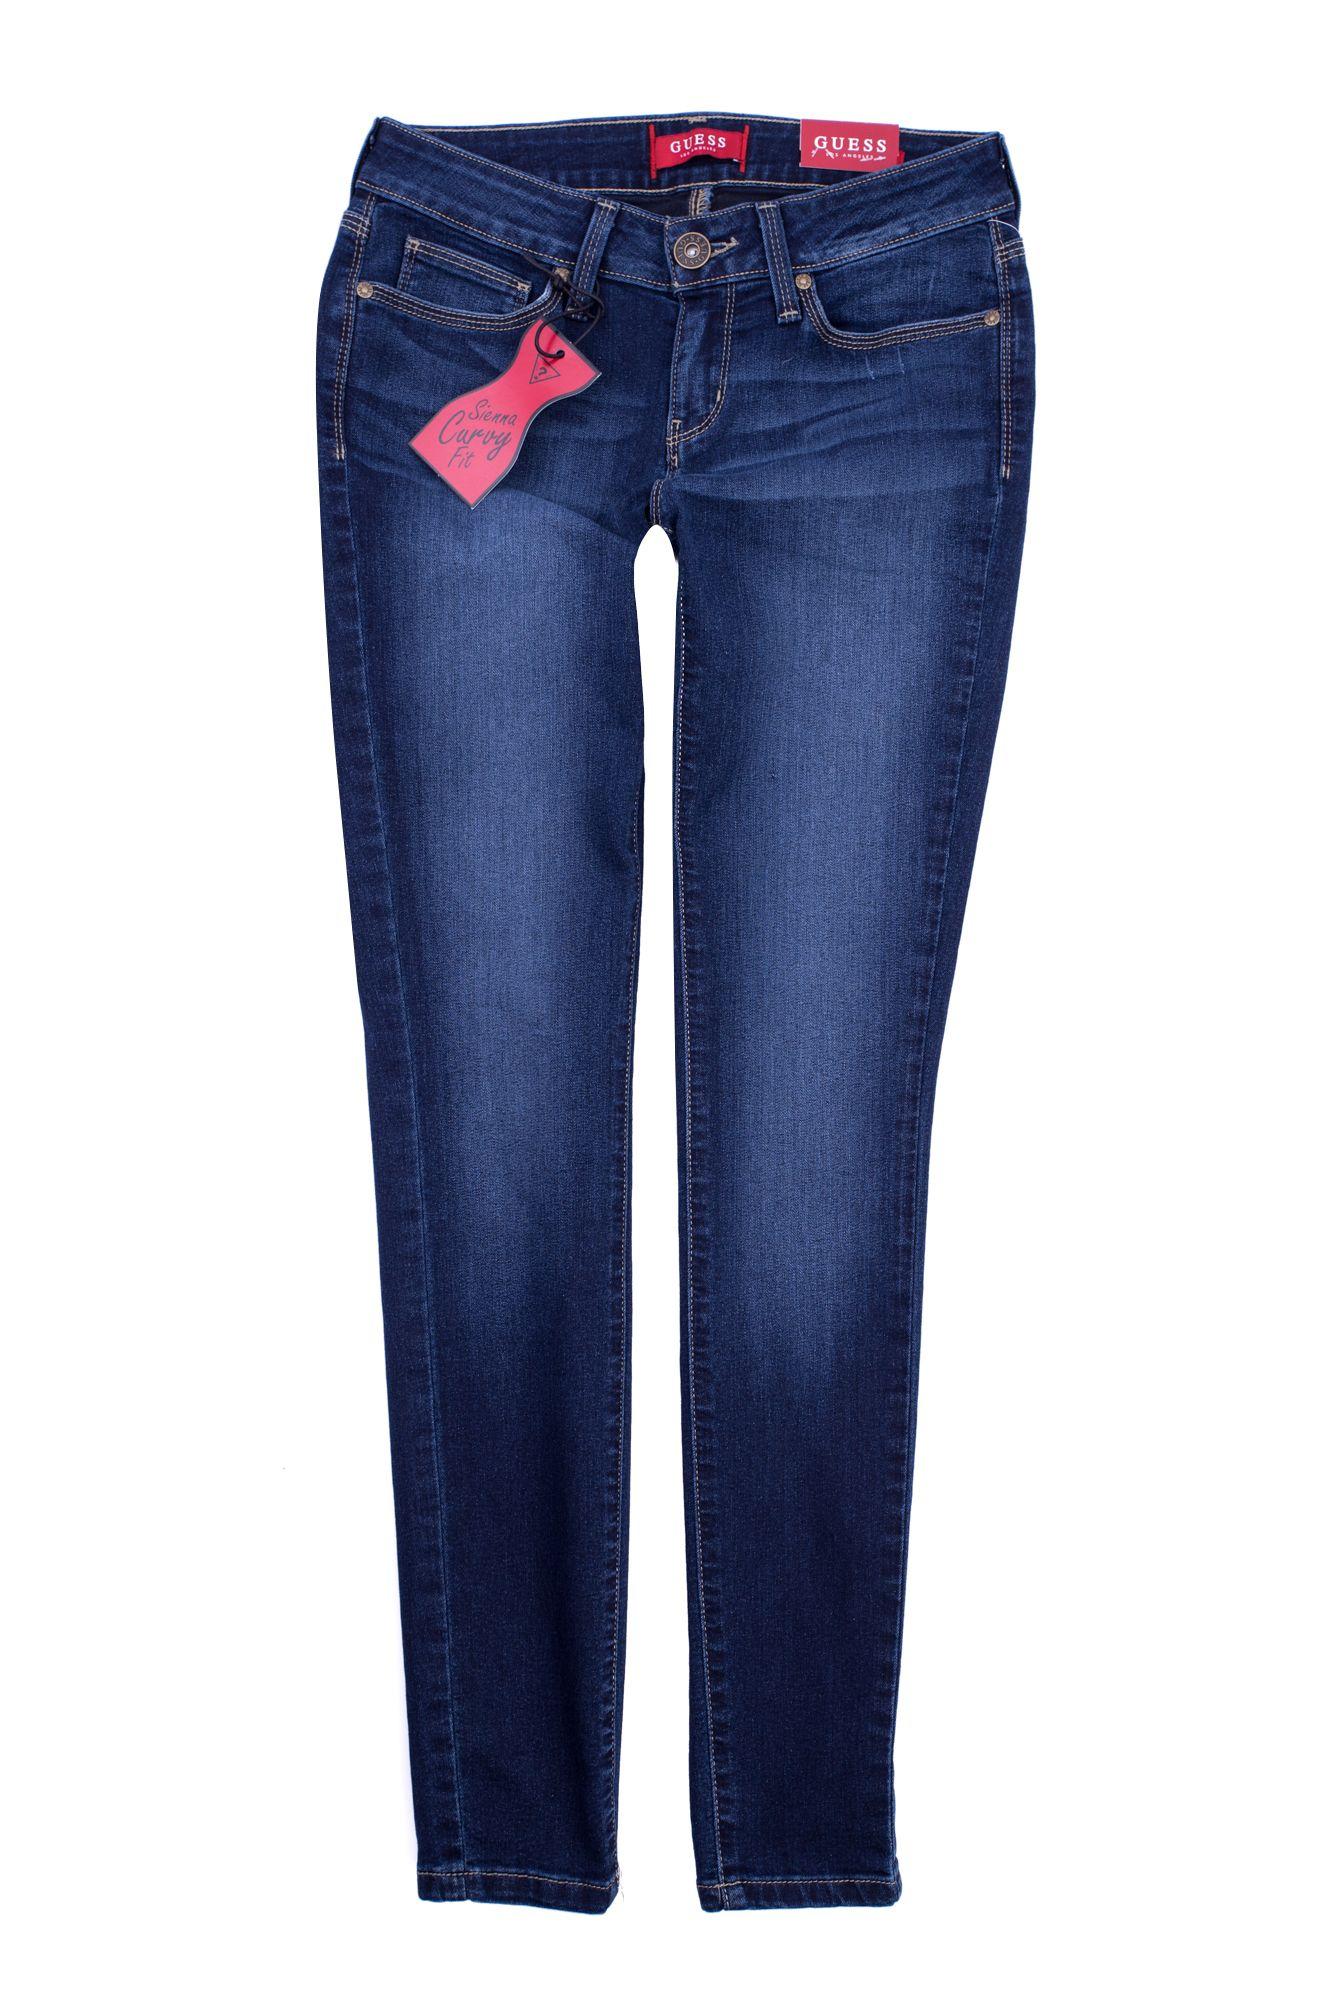 732be01dd073c GUESS Spodnie damskie jeansowe Skinny Sienna r. 26 - 7083692235 ...